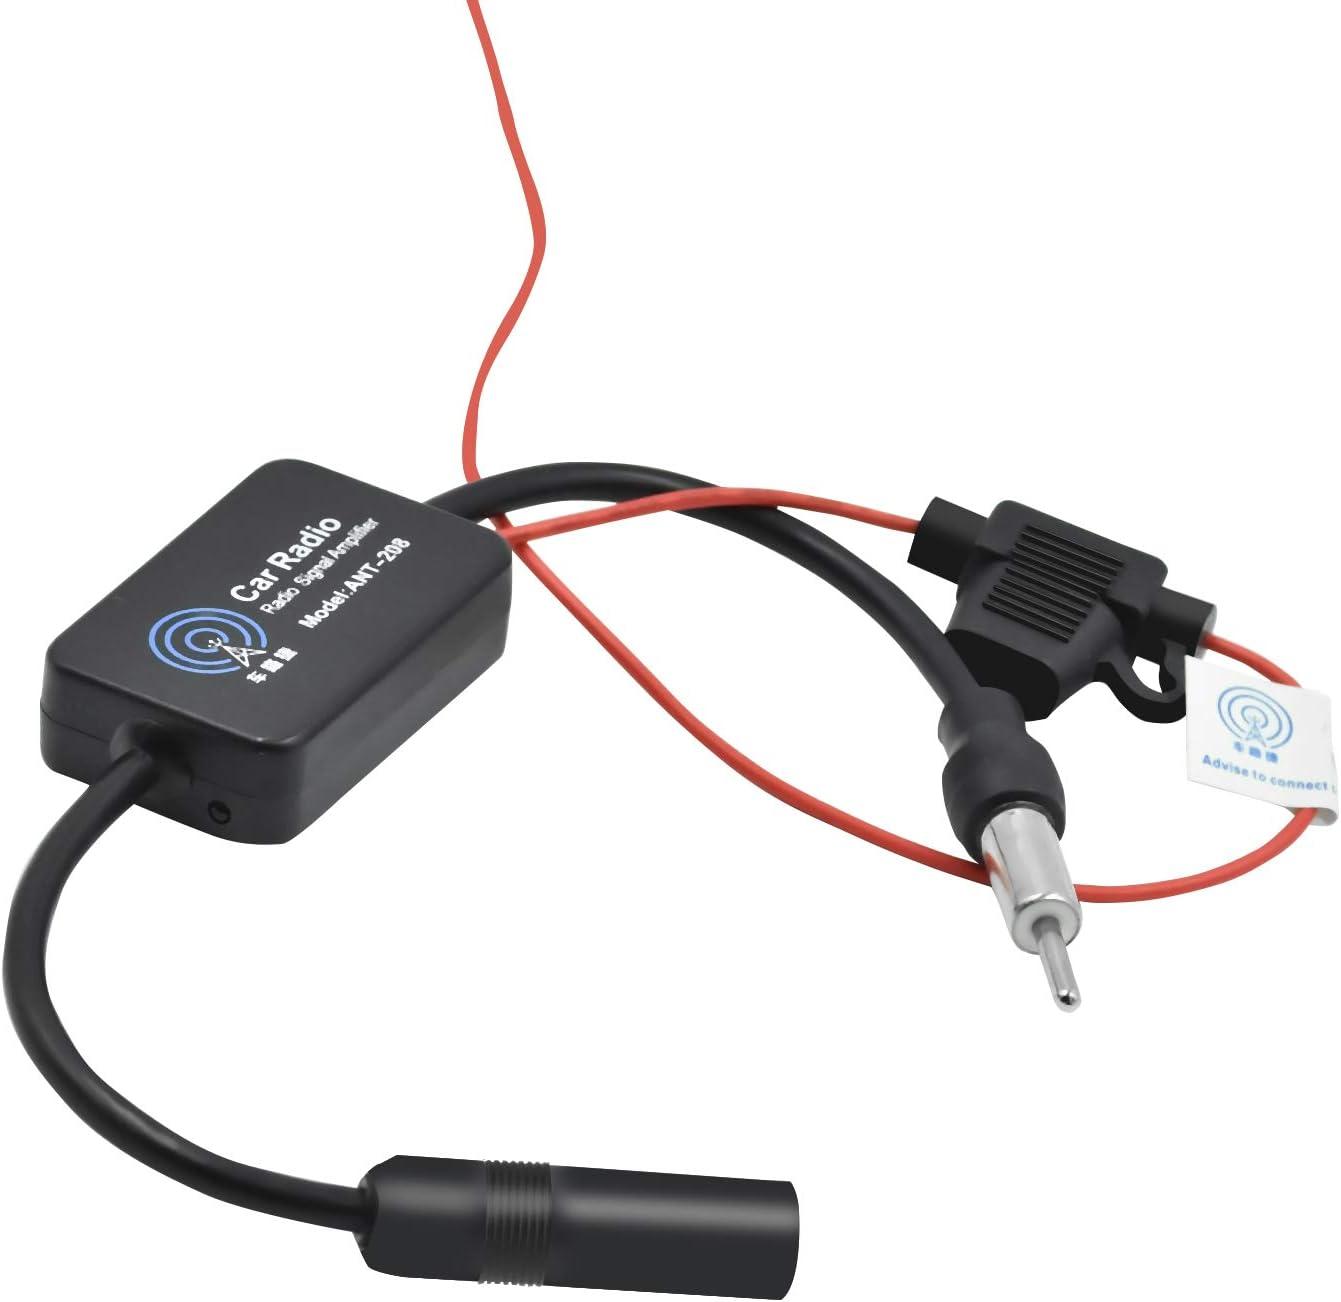 Antena Amplificador Radio Am//FM//Dab Coche Fortalecimiento de Se/ñal Negro WEKON Amplificador de Se/ñal de Radio de Coche Atena Amplificador de Radio Auto